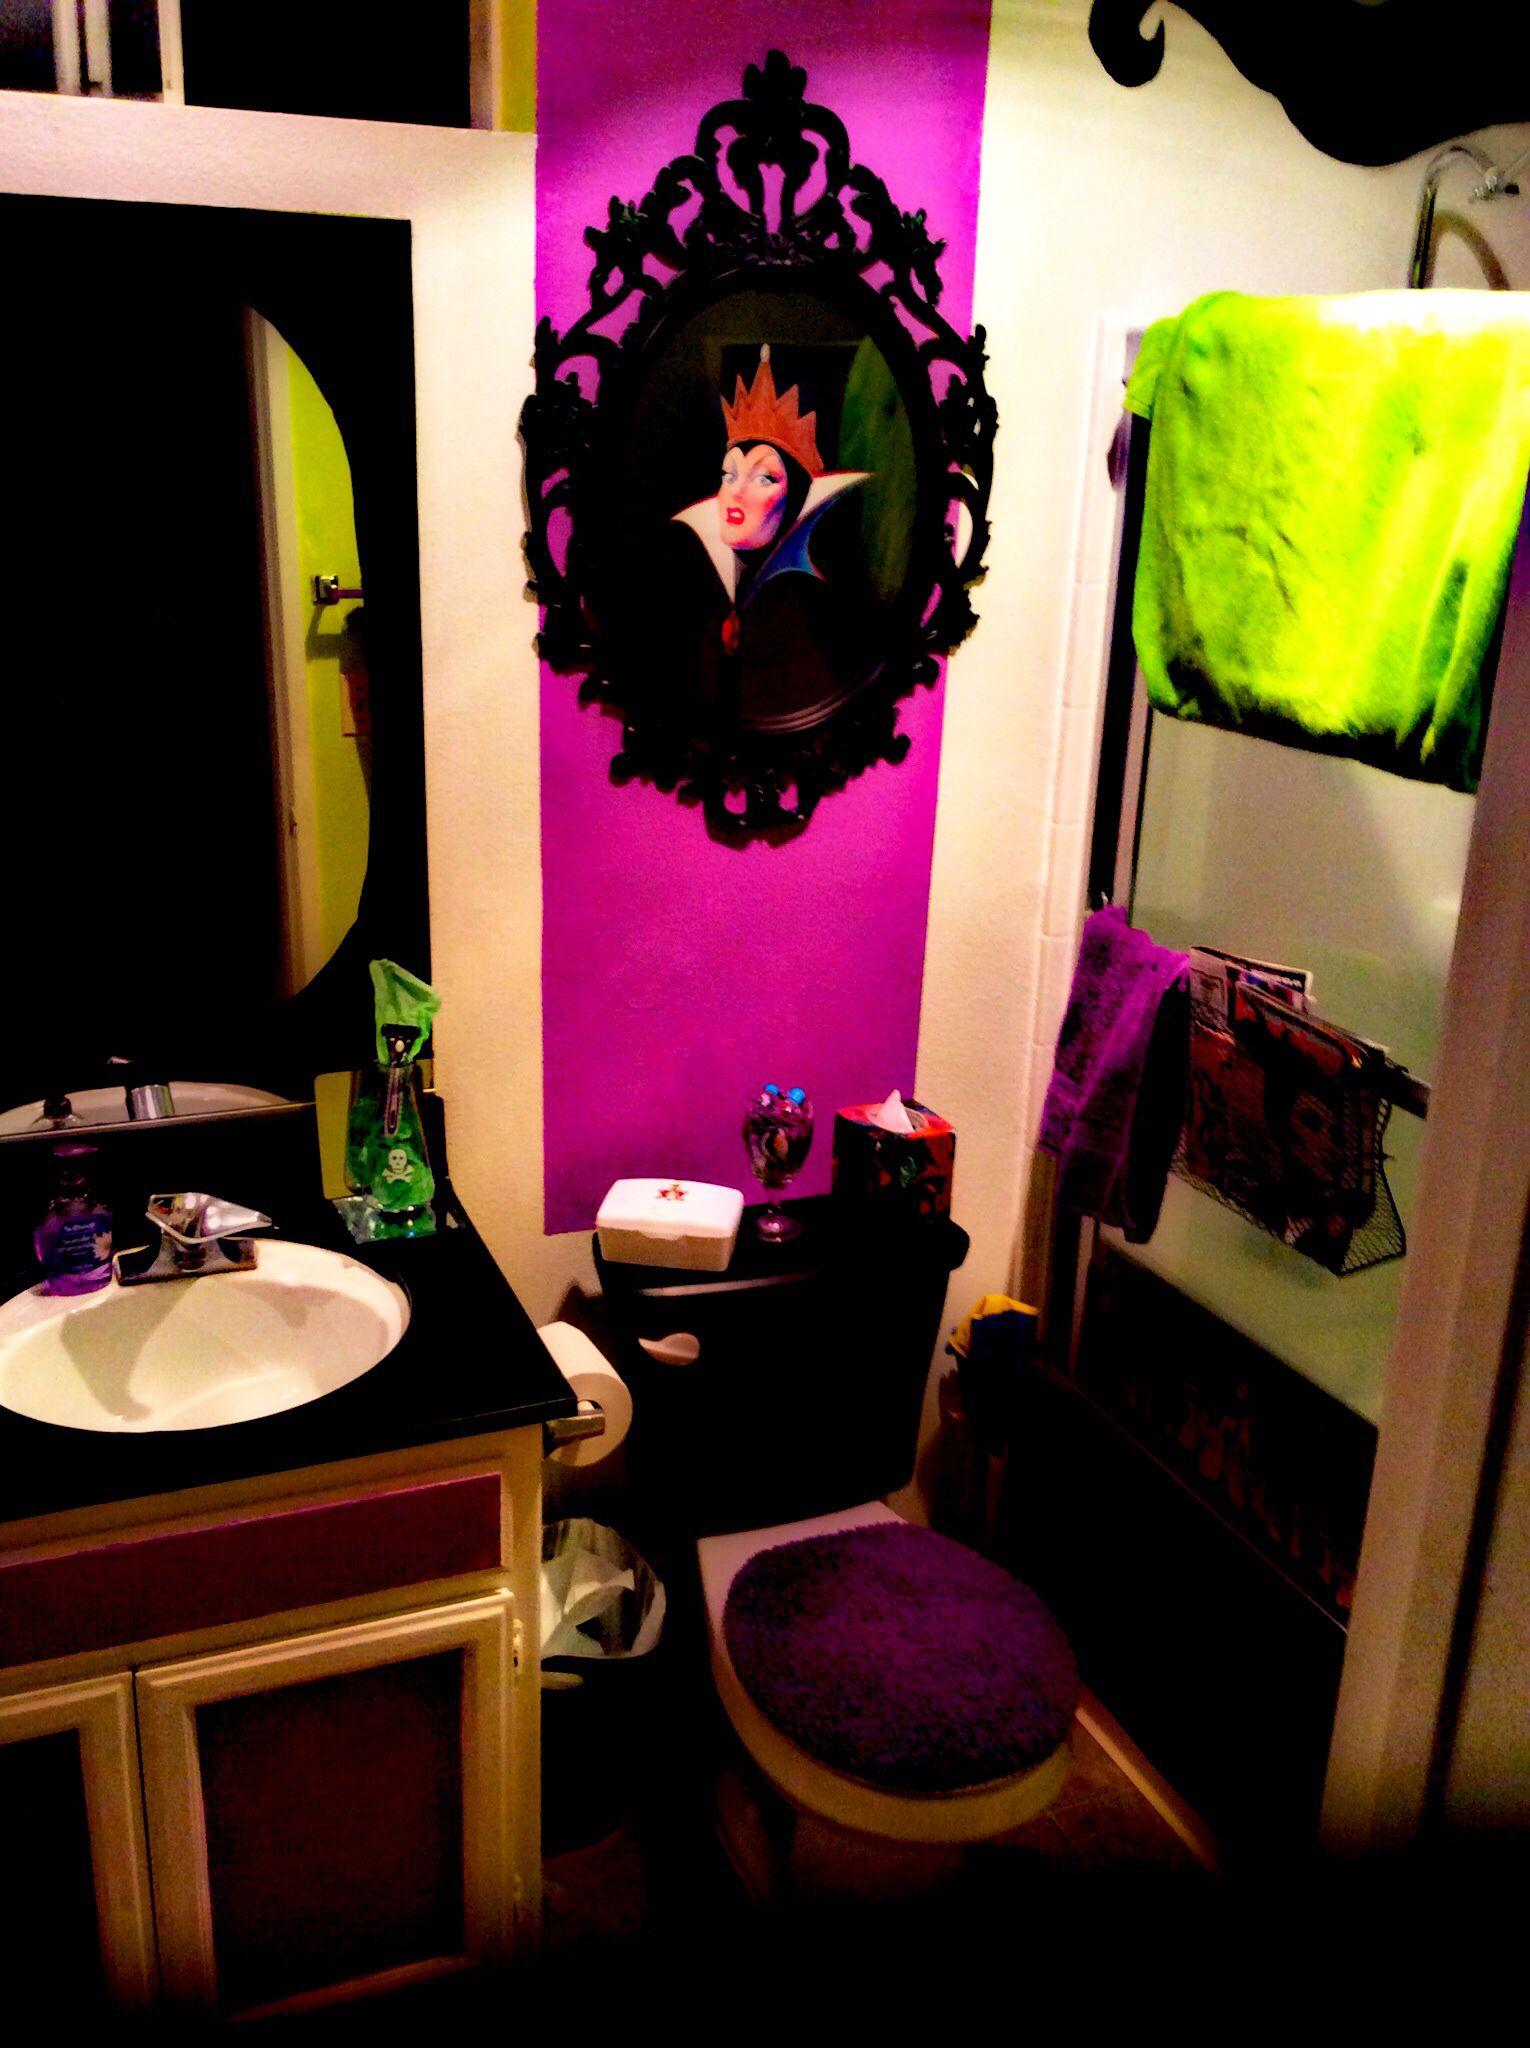 Room Decor: My Disney Villains Bathroom